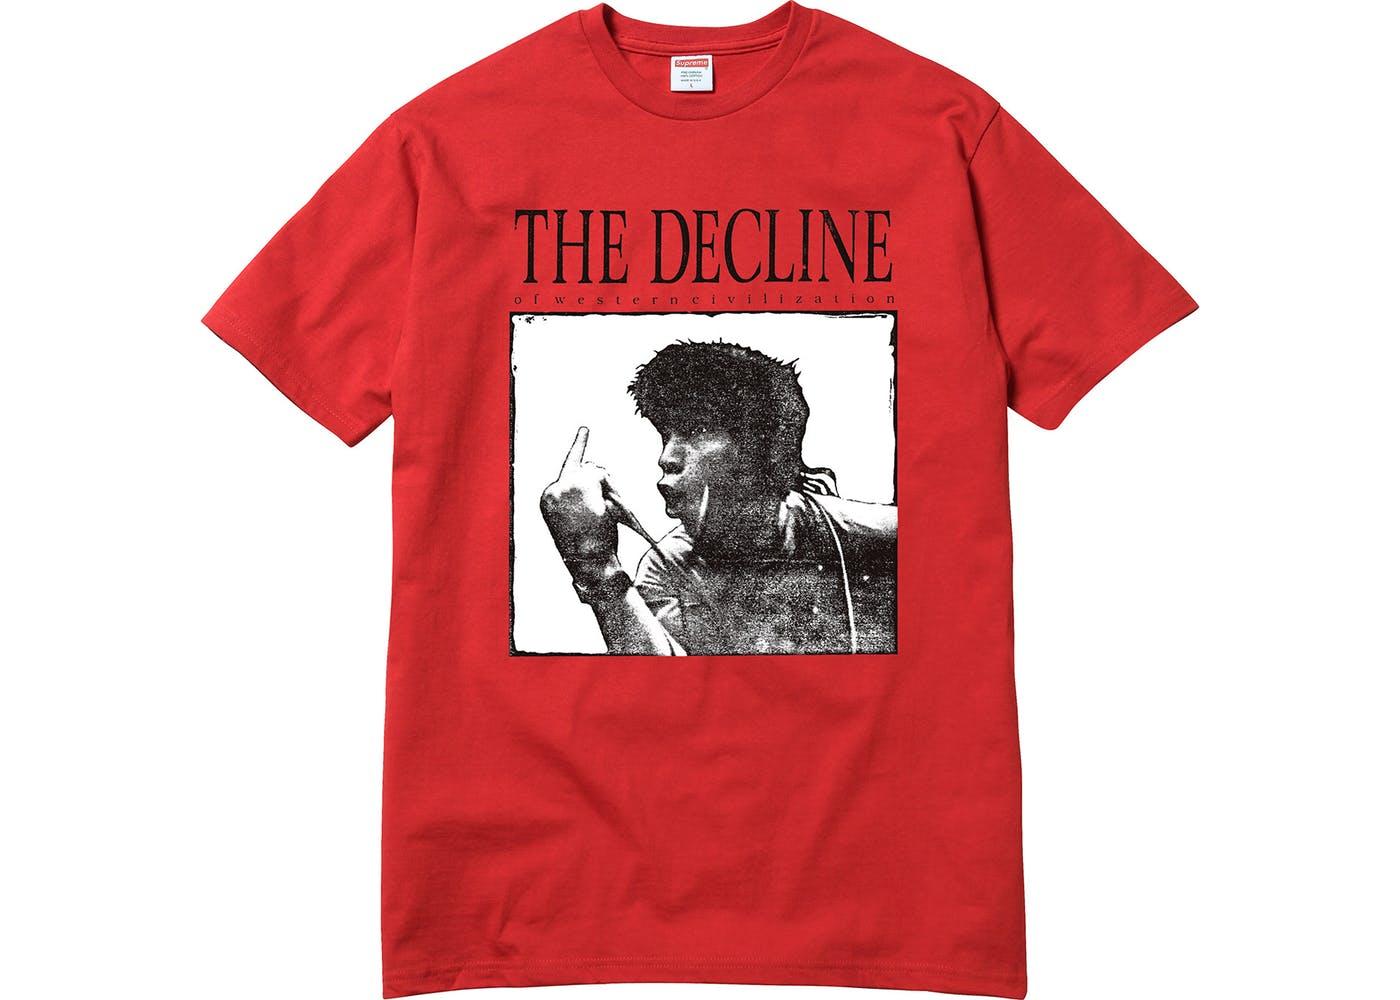 画像1: SUPREME DECLINE OF WESTERN CIVILIZATION TEE | シュプリーム デックライン オブ ウエスタン シビライゼーション Tシャツ (1)